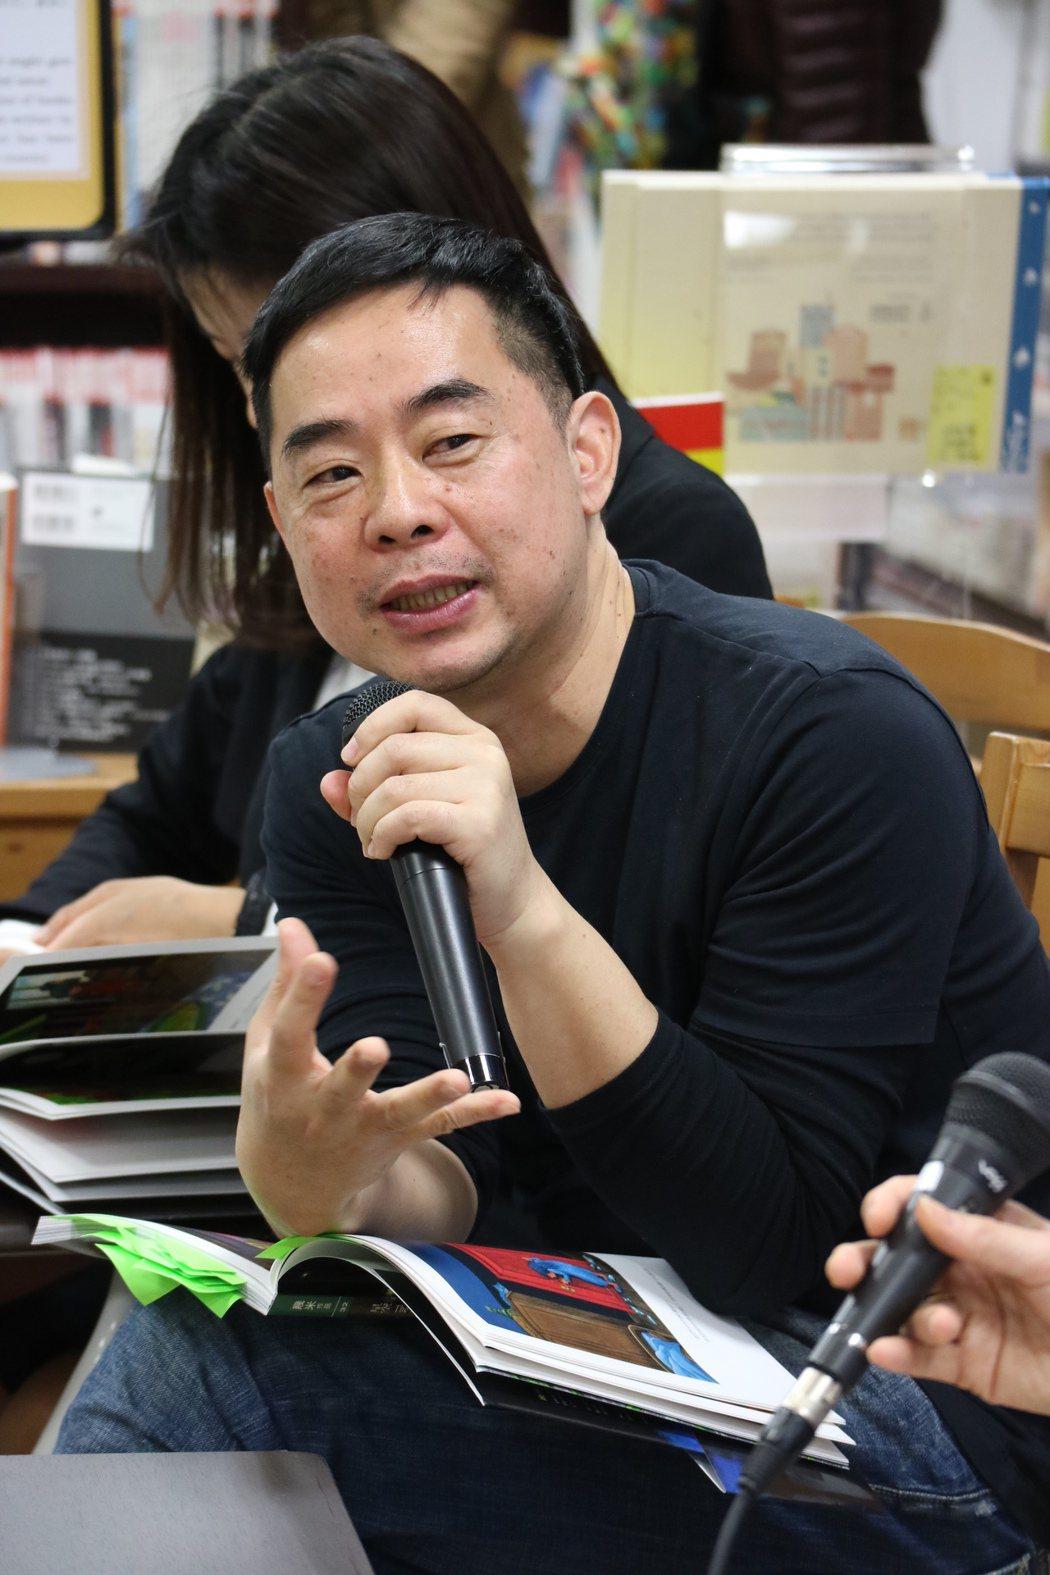 繪本作家幾米在東京新宿紀伊國屋書店舉辦「繪本與電影的對談」簽書會,他覺得繪本最大...